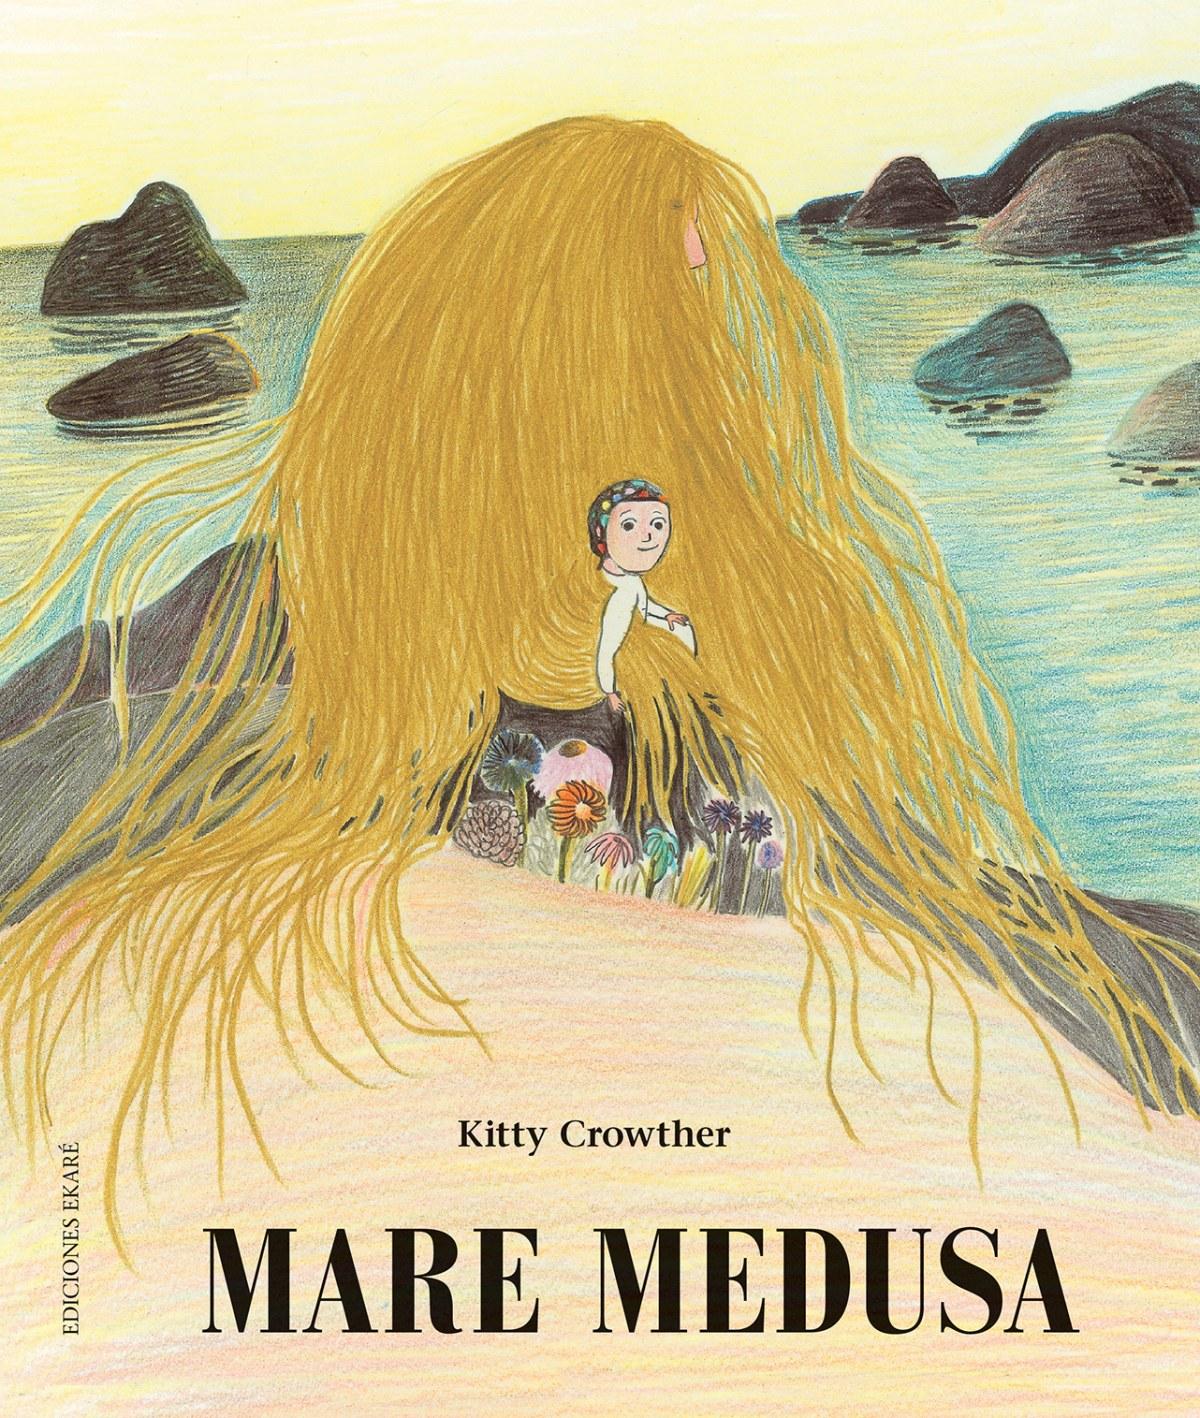 Mare Medusa